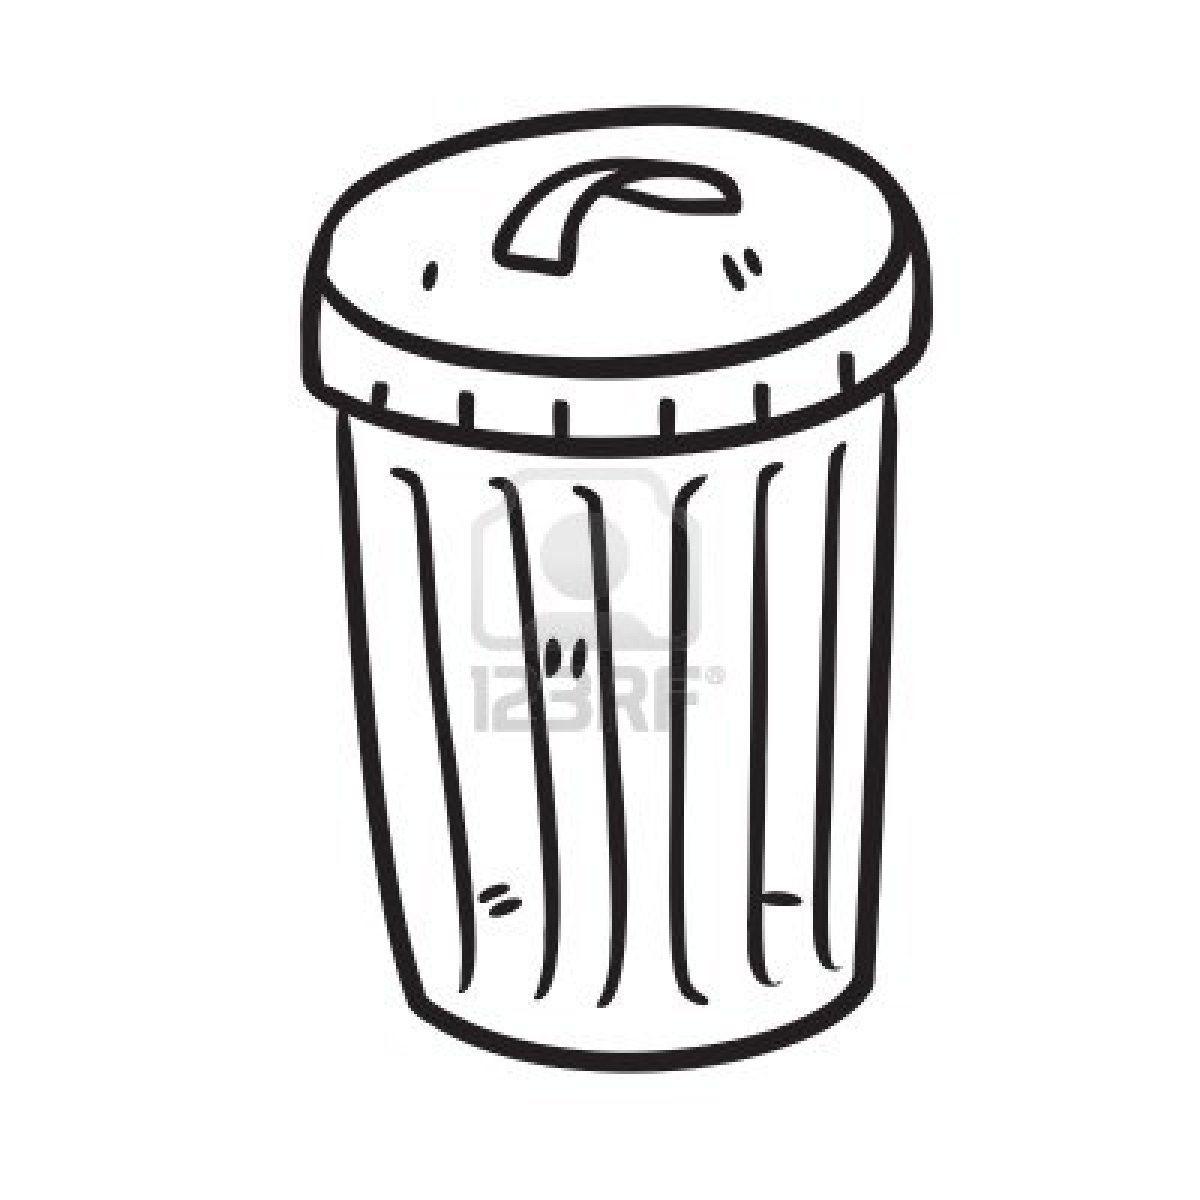 Trash Bin Stock Photo